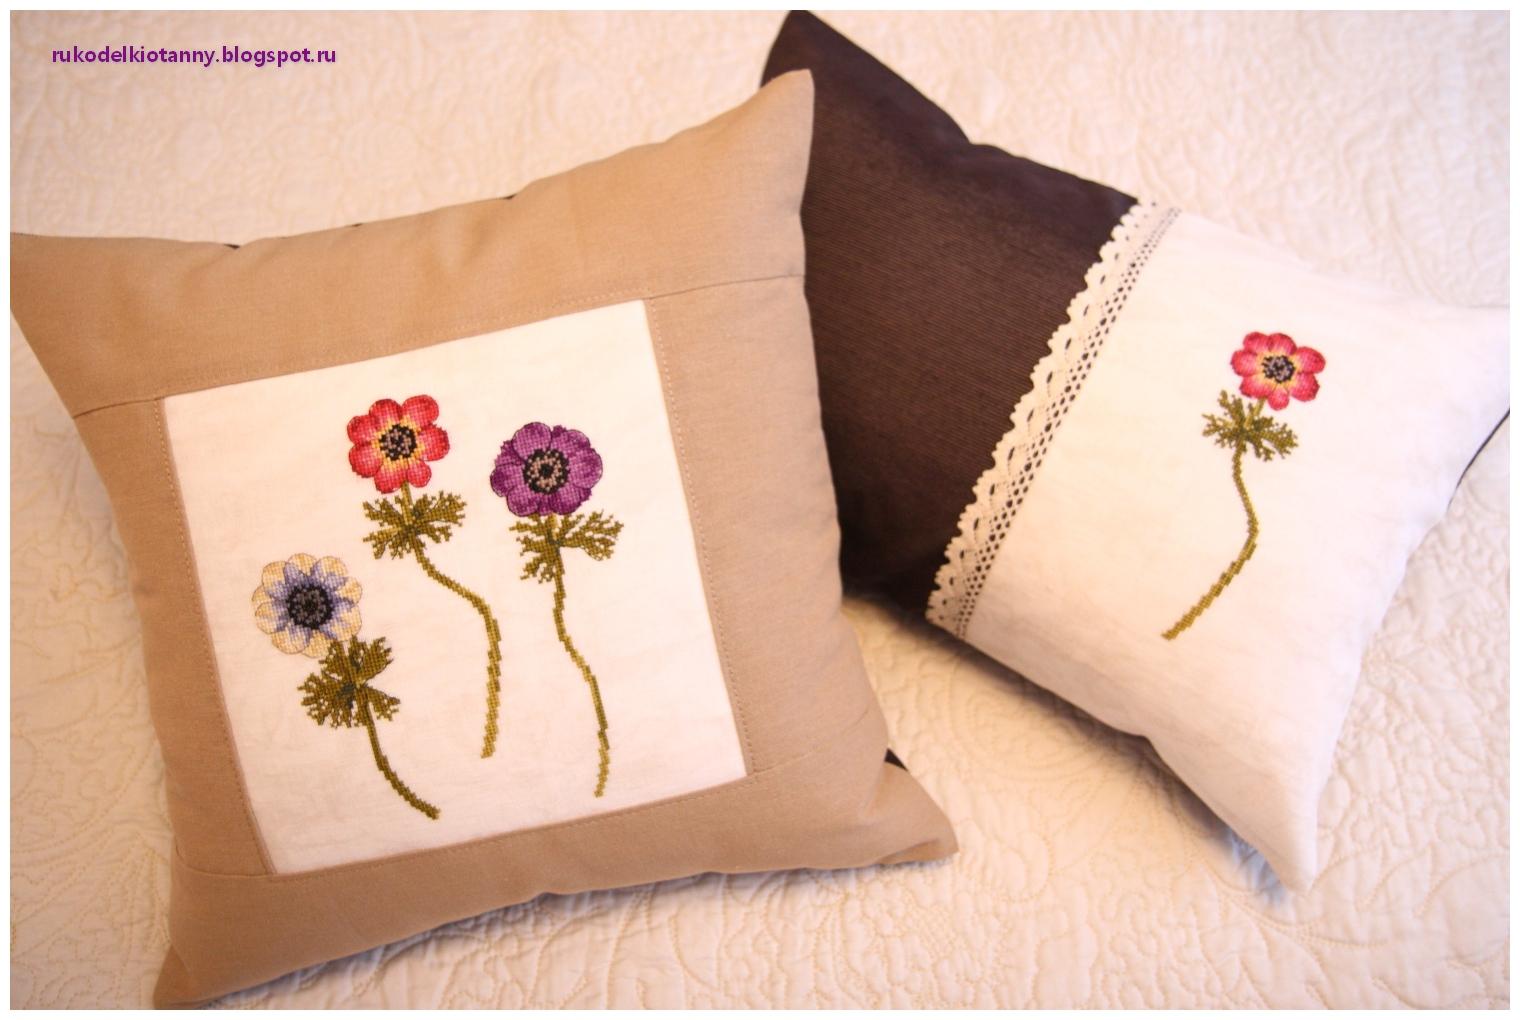 вышивка цветы